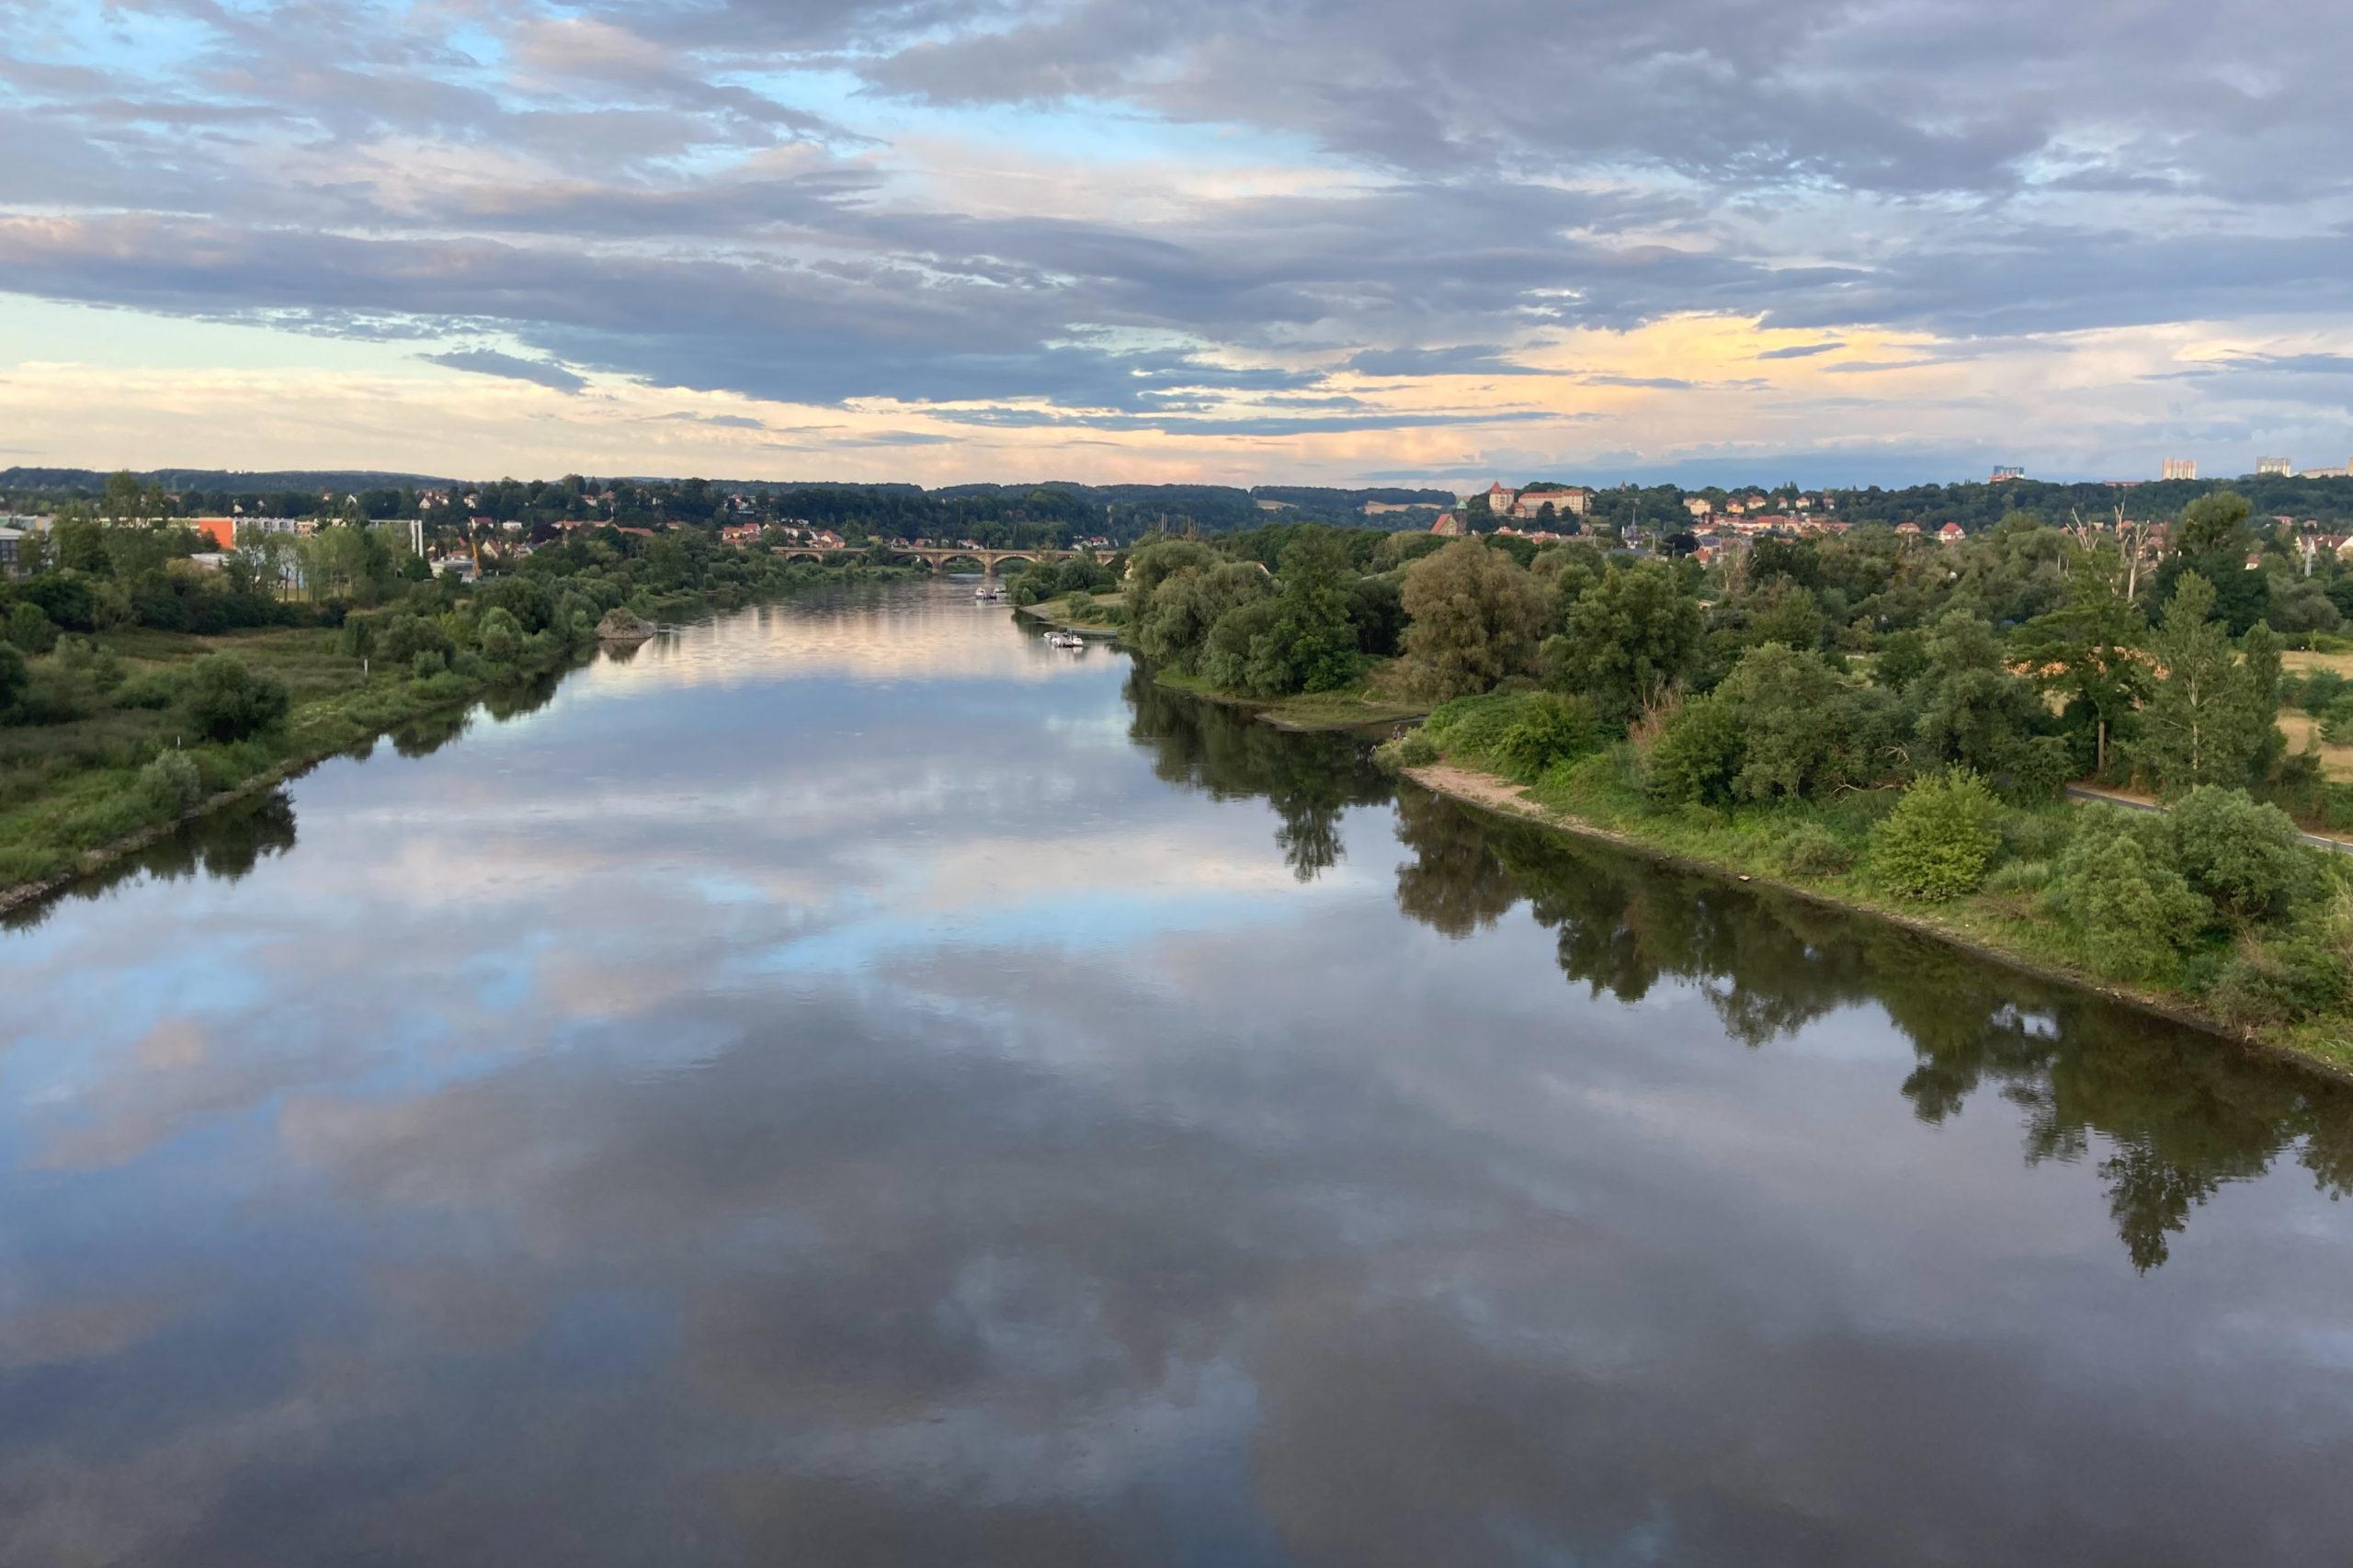 Wir kreuzen die Elbe... da hinten liegt Pirna.